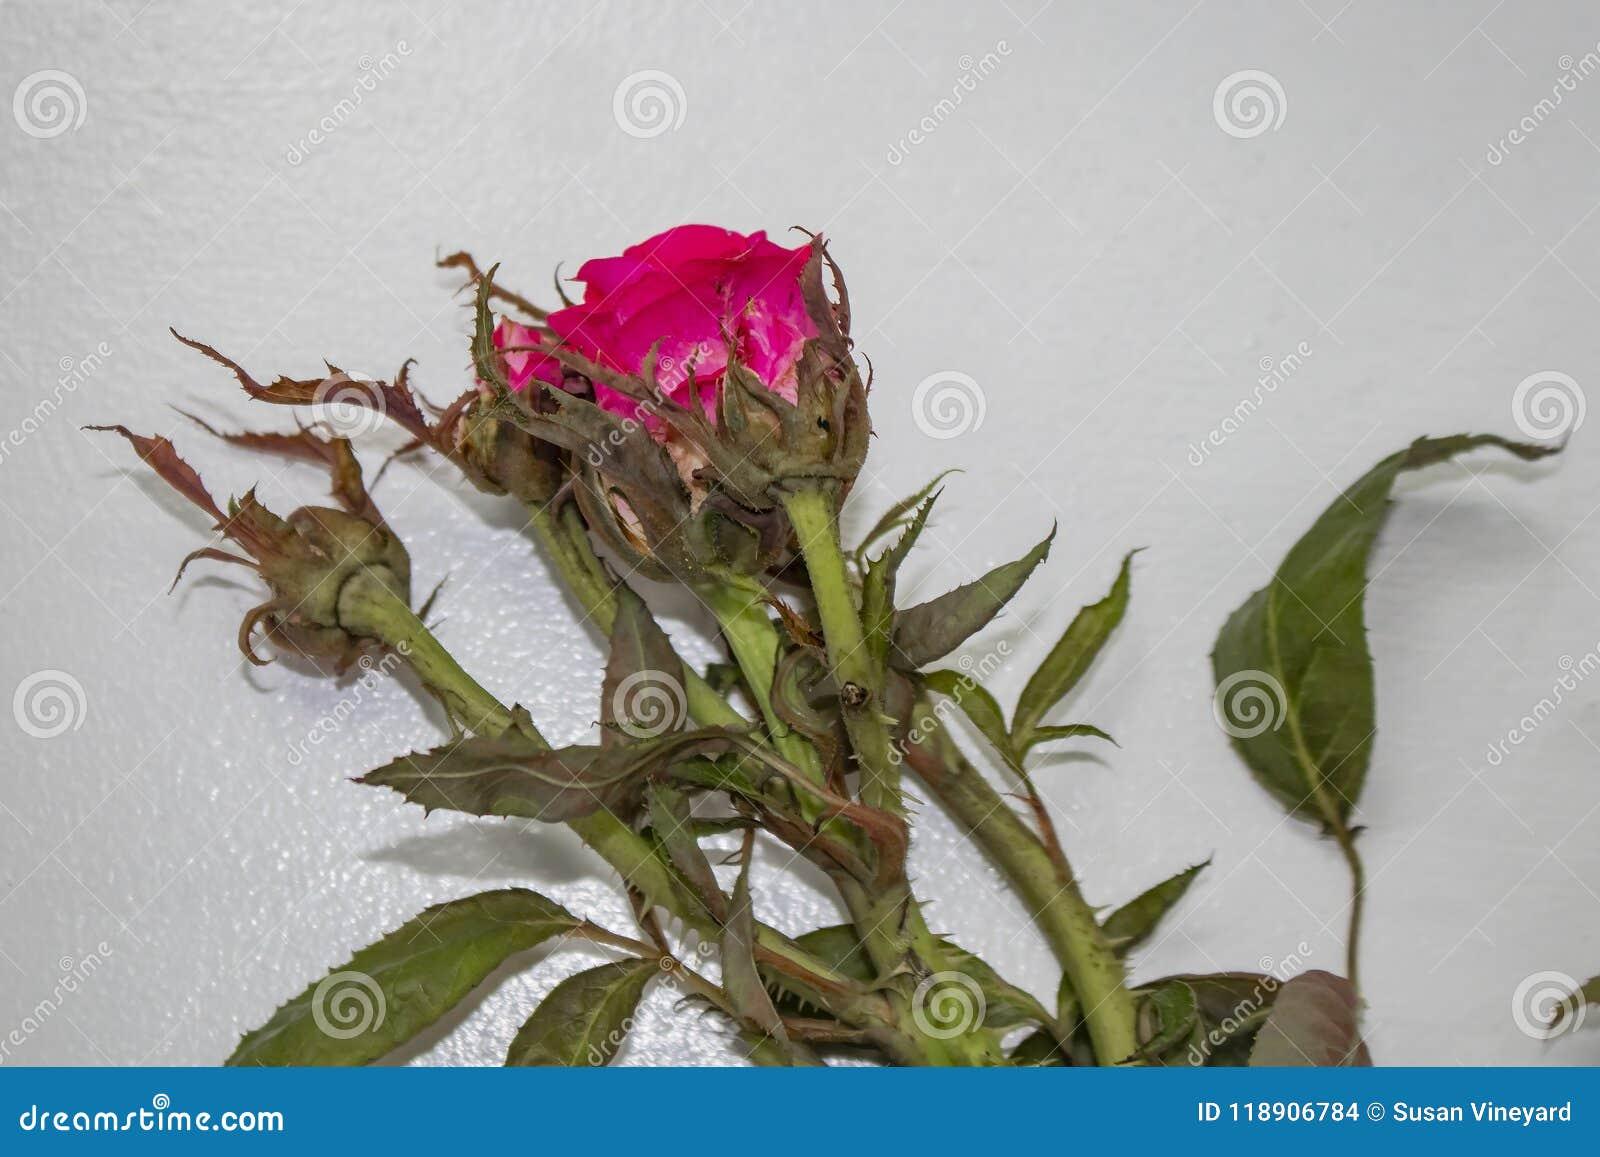 Rose d un buisson atteinte d un virus appelé la diffusion rose de rosette par les acarides minuscules a porté par le vent